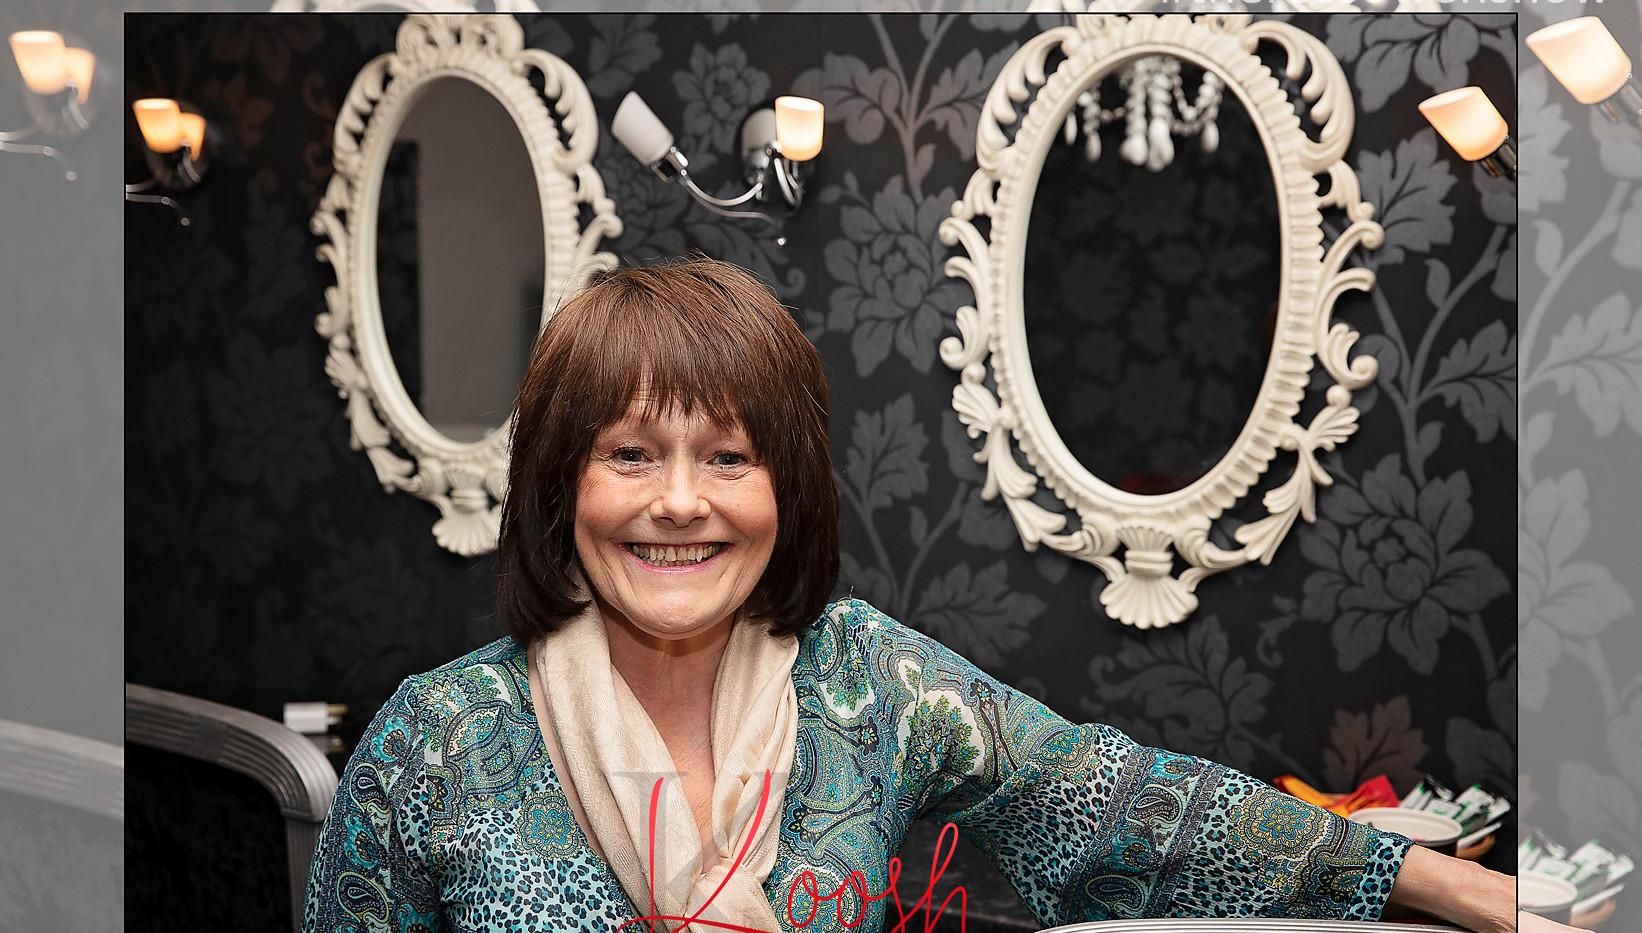 Maureen-carr-2.jpg